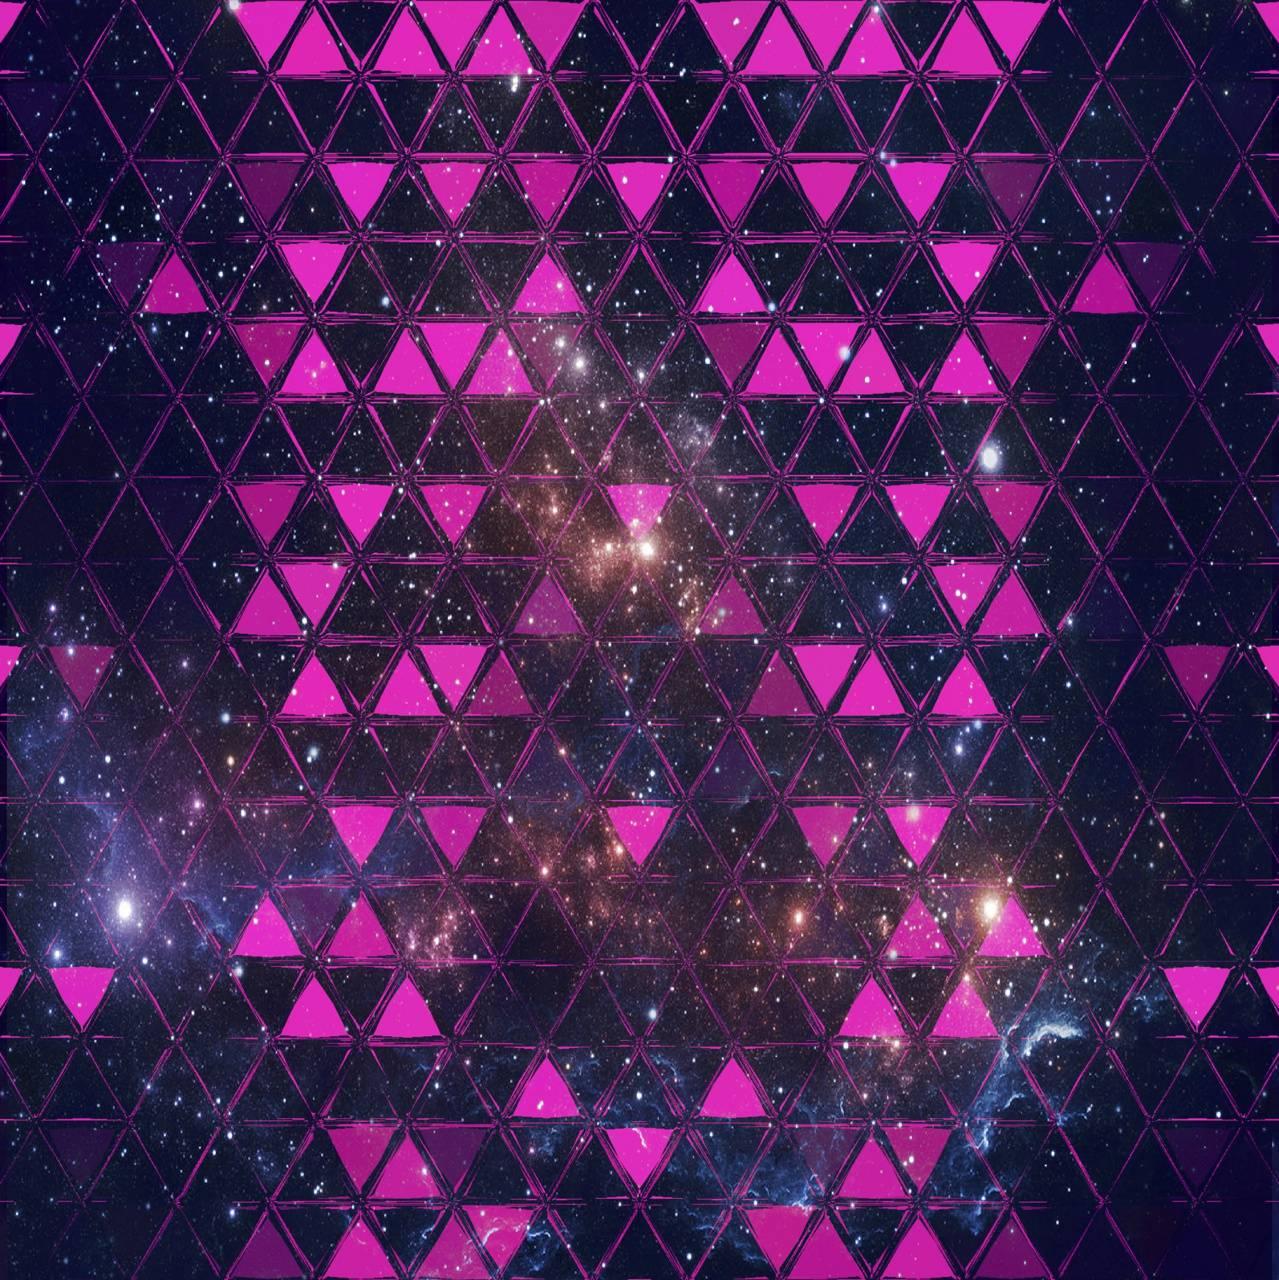 Galaxy Tiles